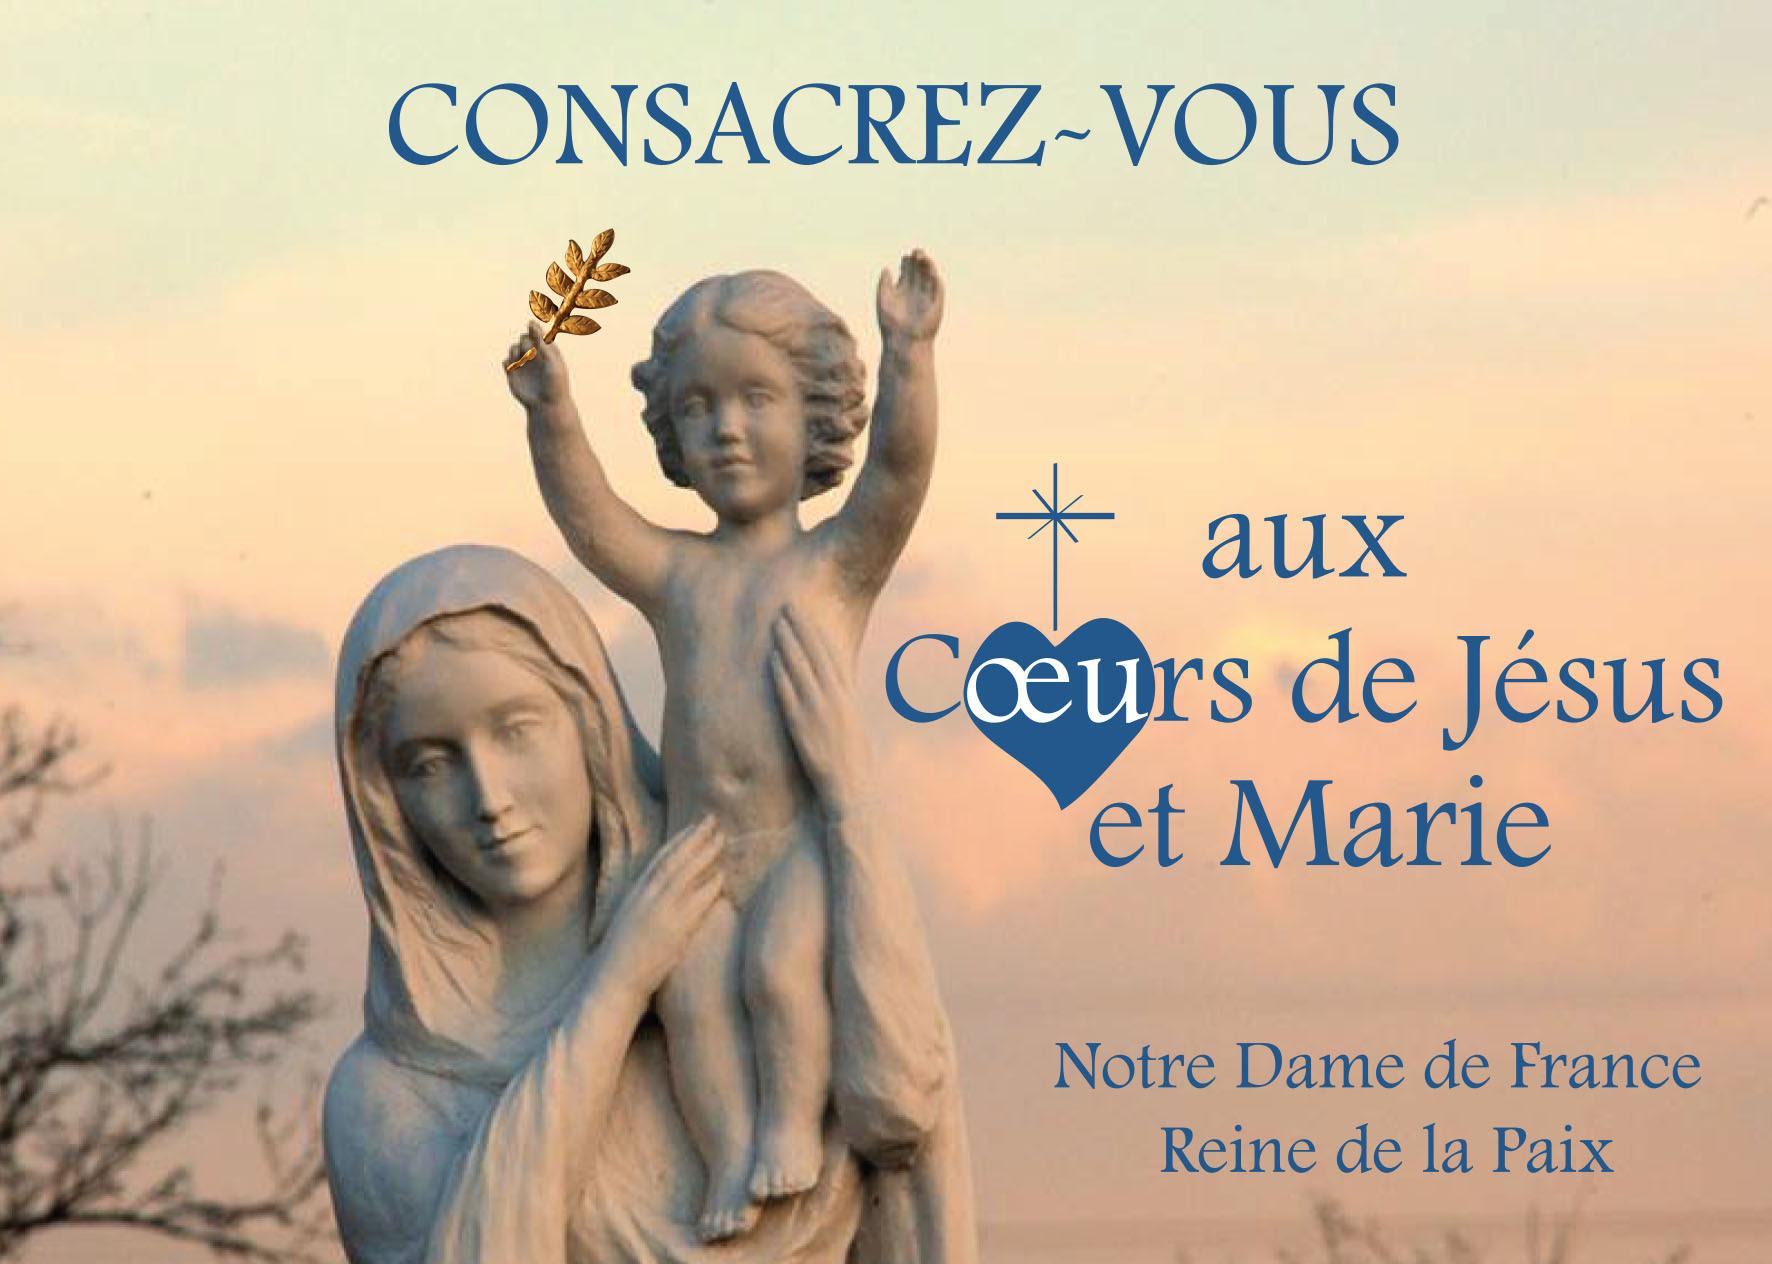 Remettons tout notre être à Marie